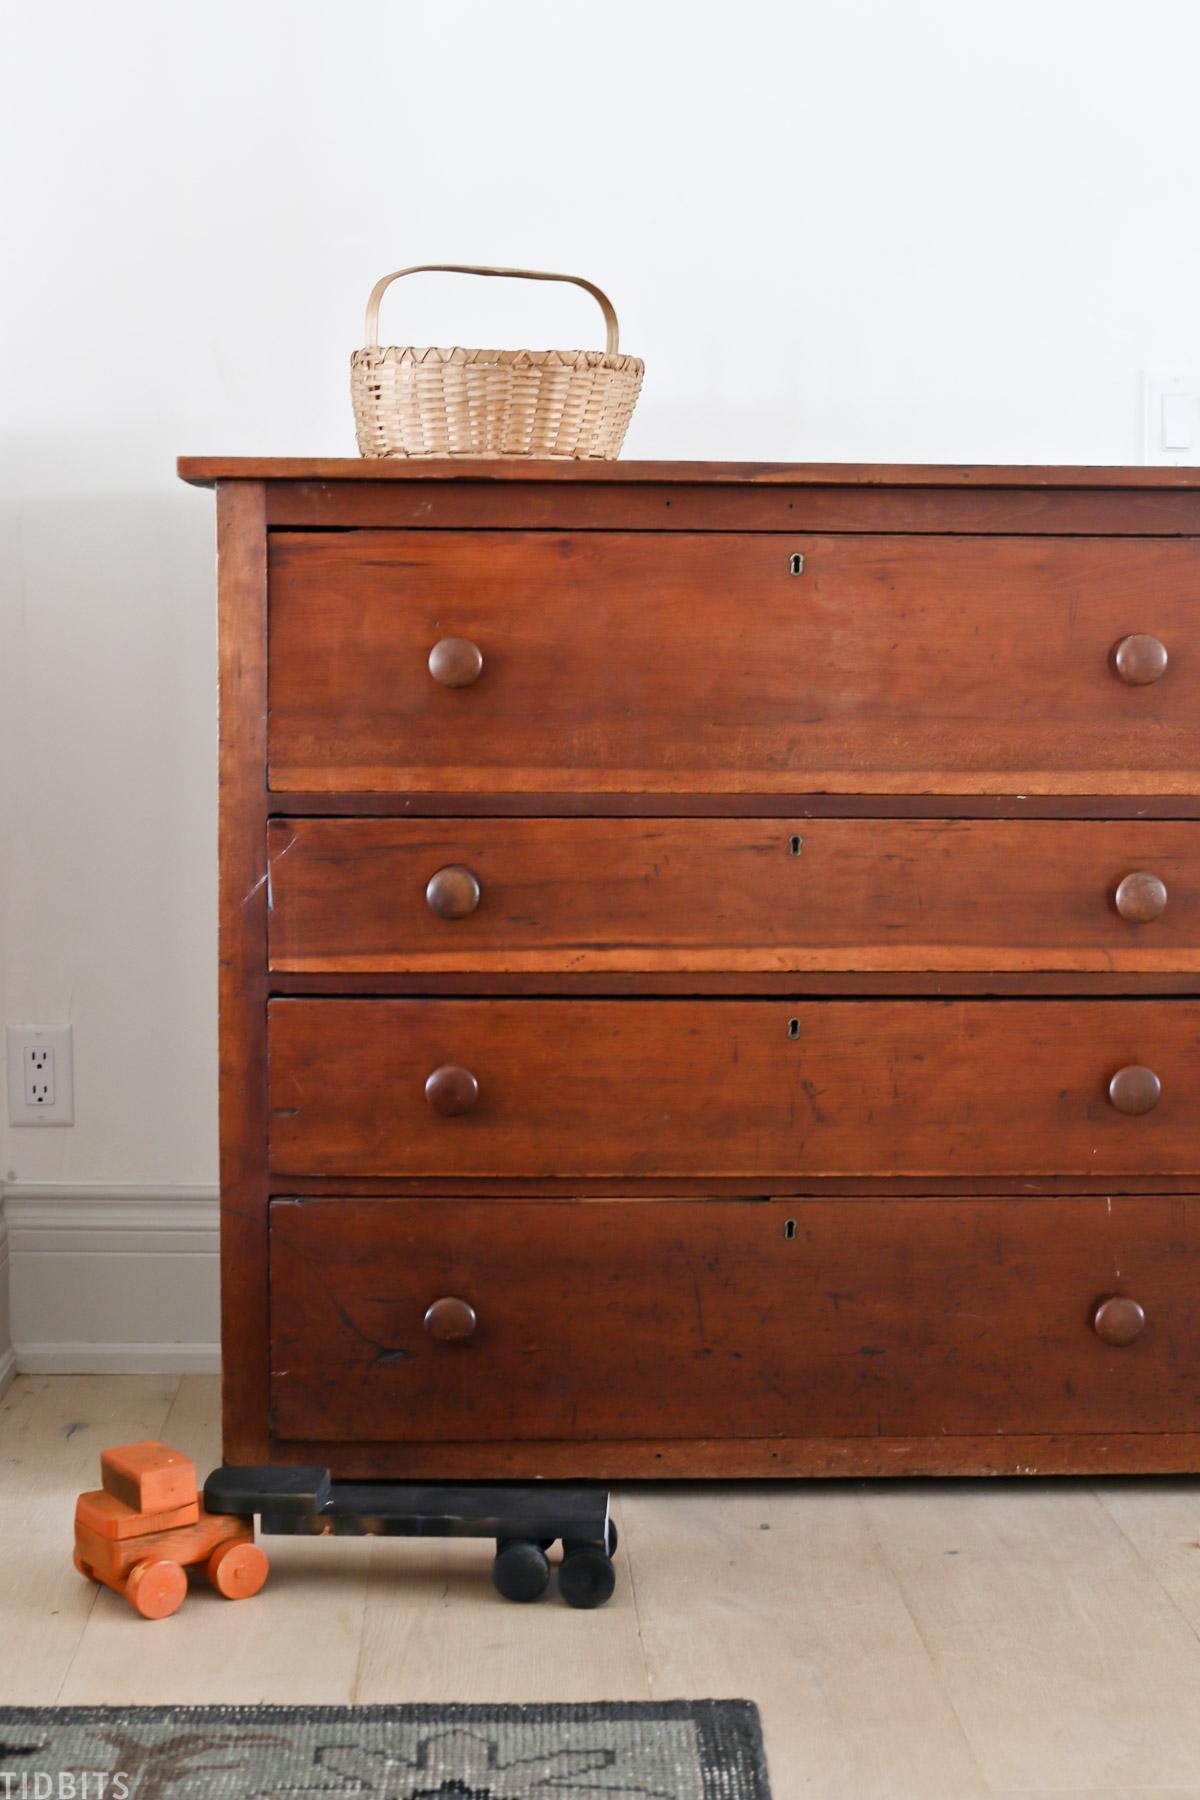 basket placed on top of antique dresser